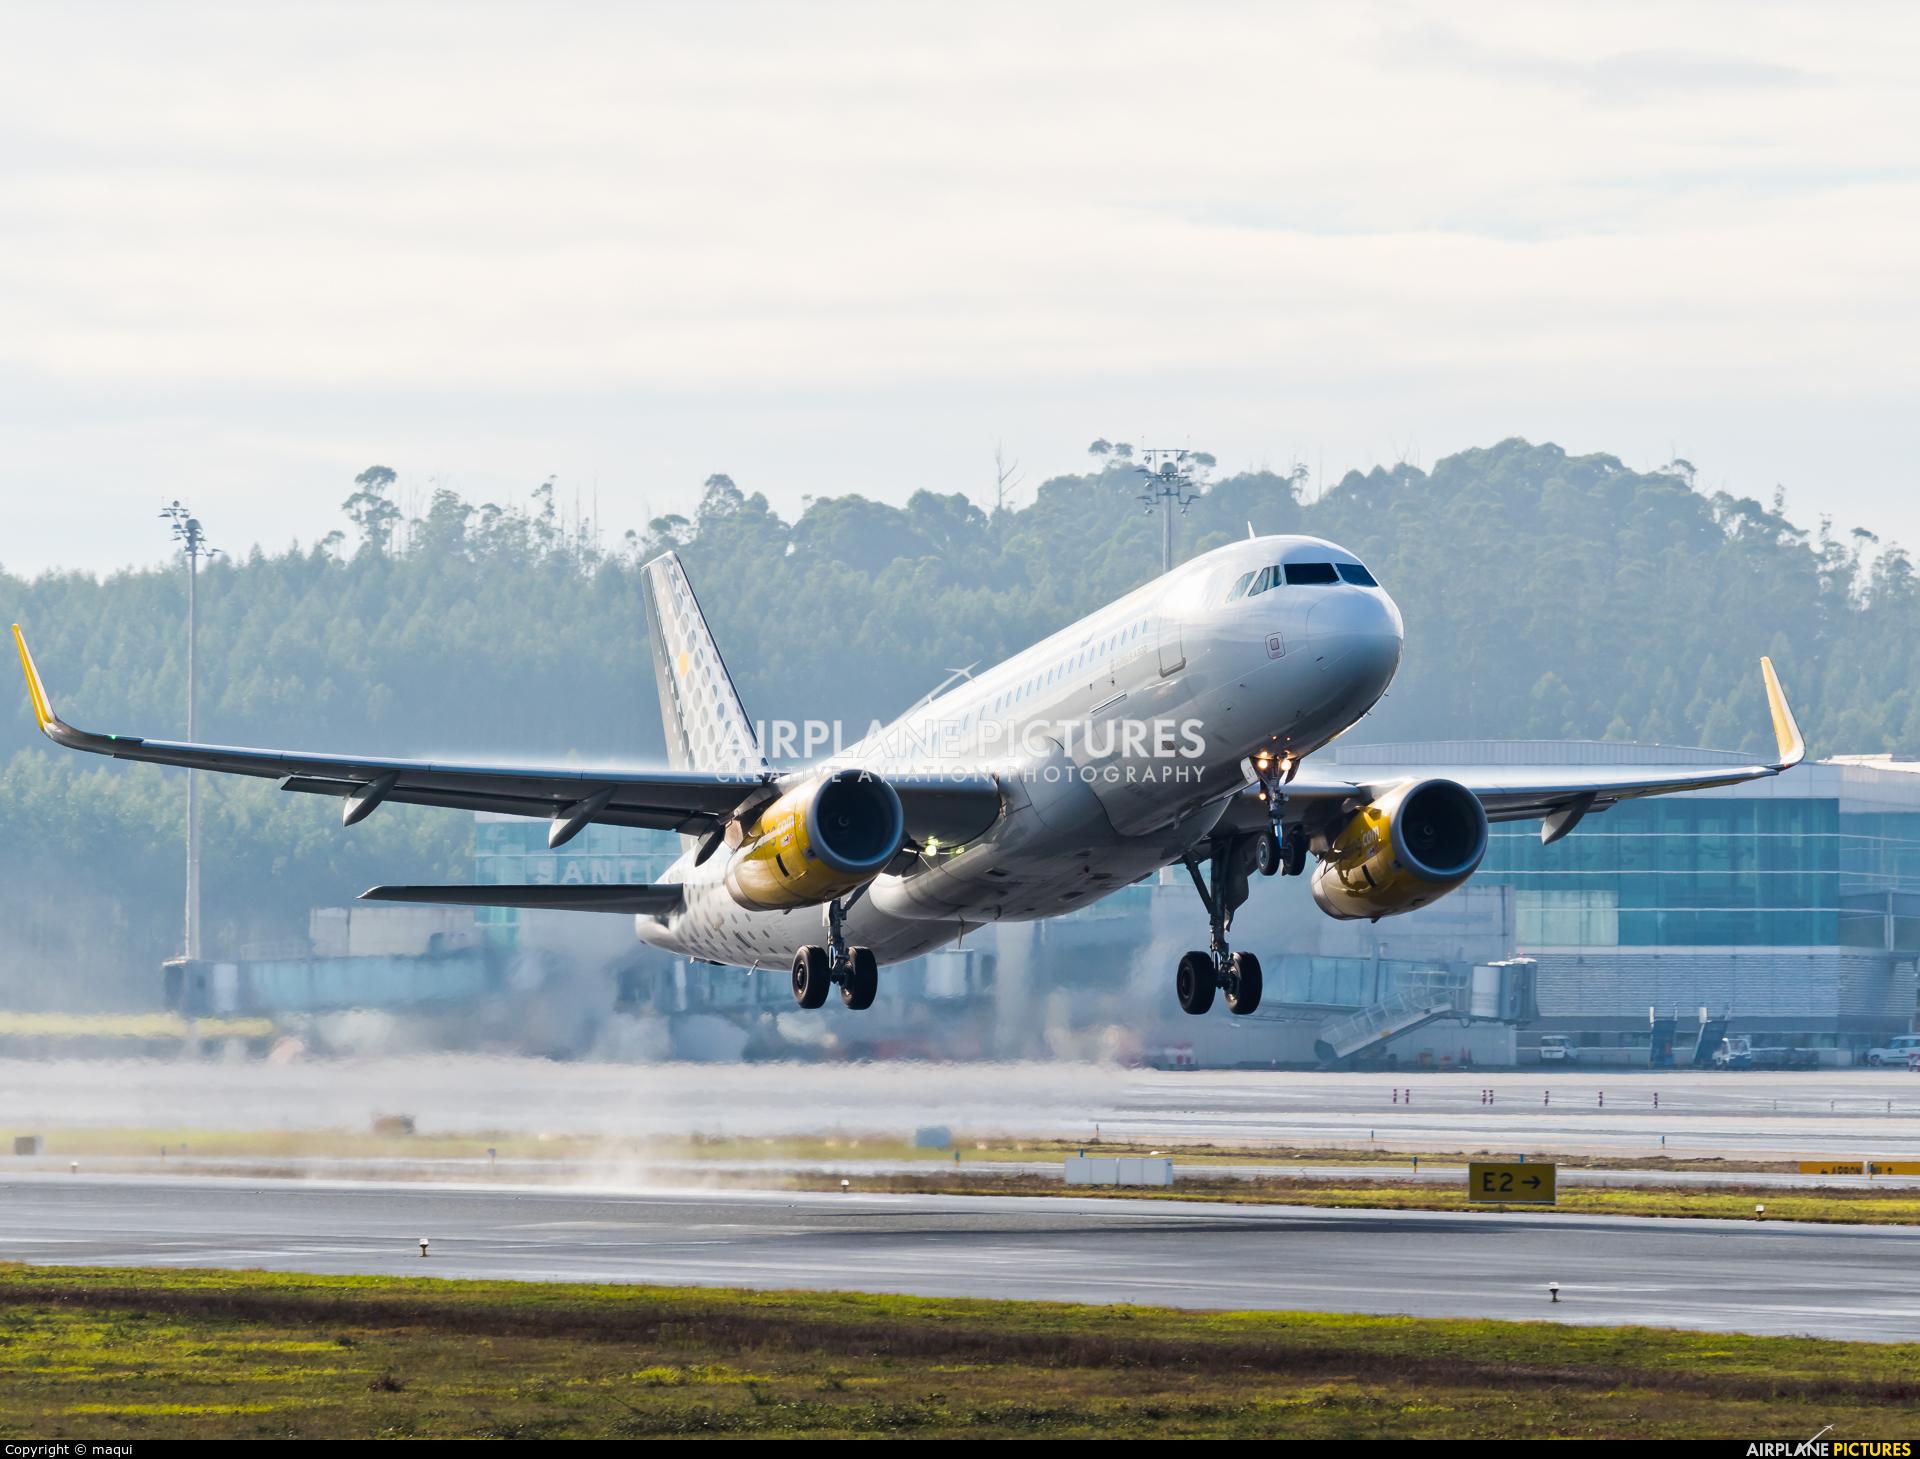 Vueling Airlines EC-LVT aircraft at Santiago de Compostela